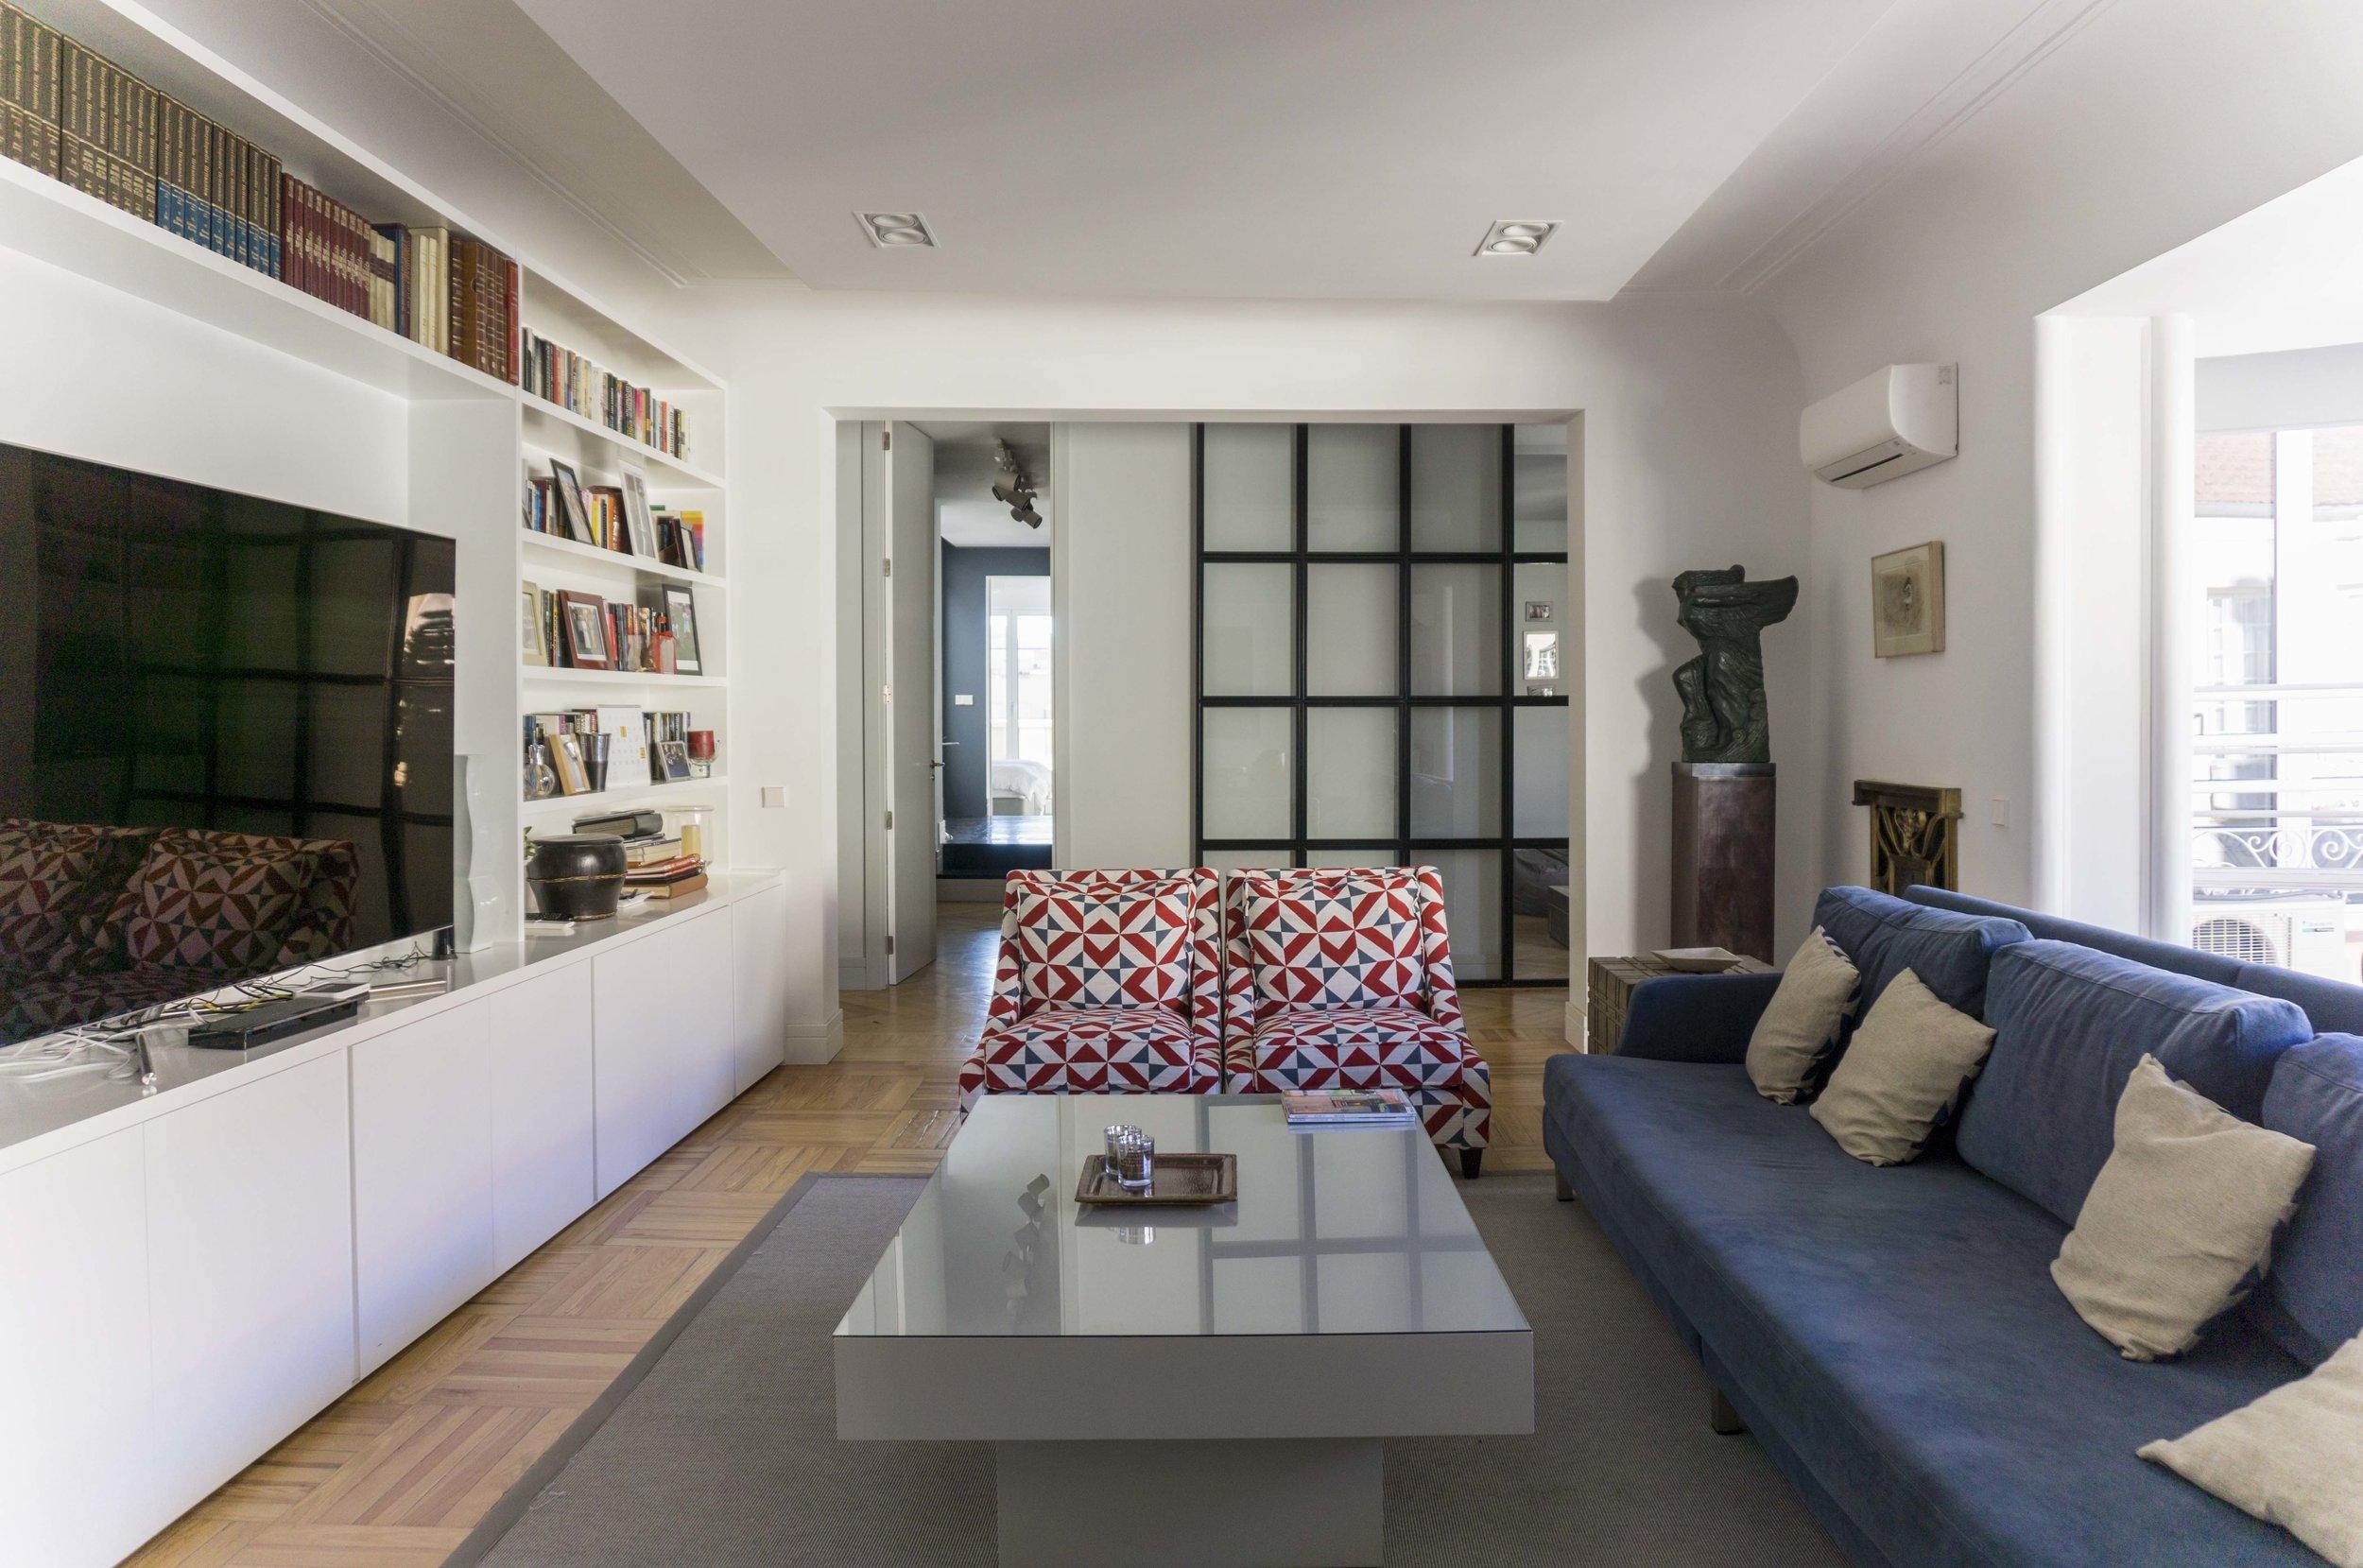 diseño reformas slow emmme studio 04 salon vivienda Ayala SM.jpg